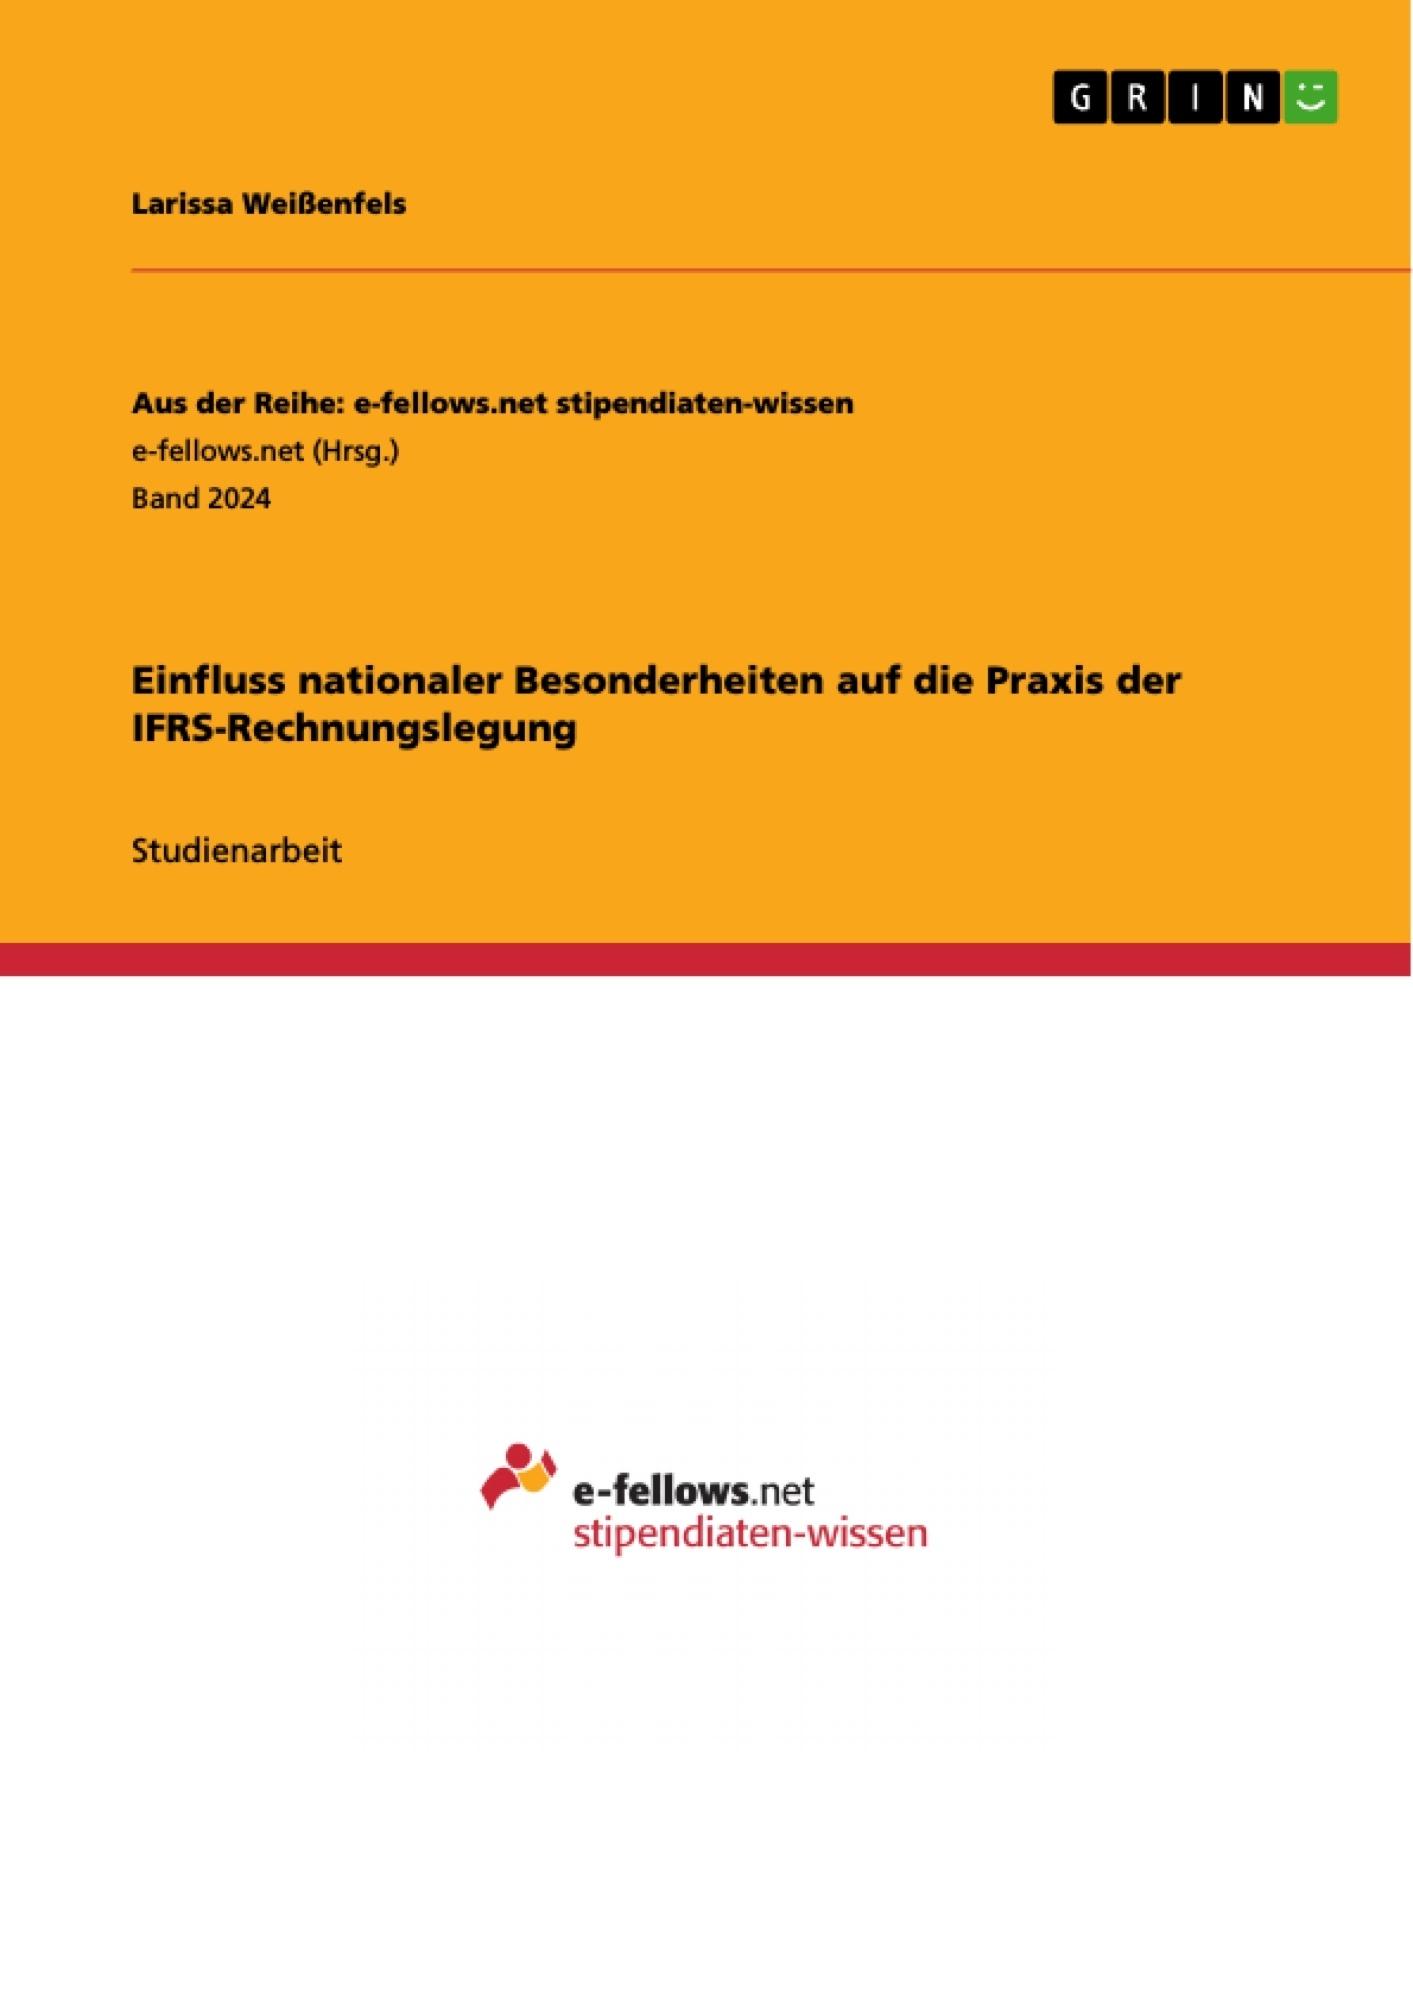 Titel: Einfluss nationaler Besonderheiten auf die Praxis der IFRS-Rechnungslegung